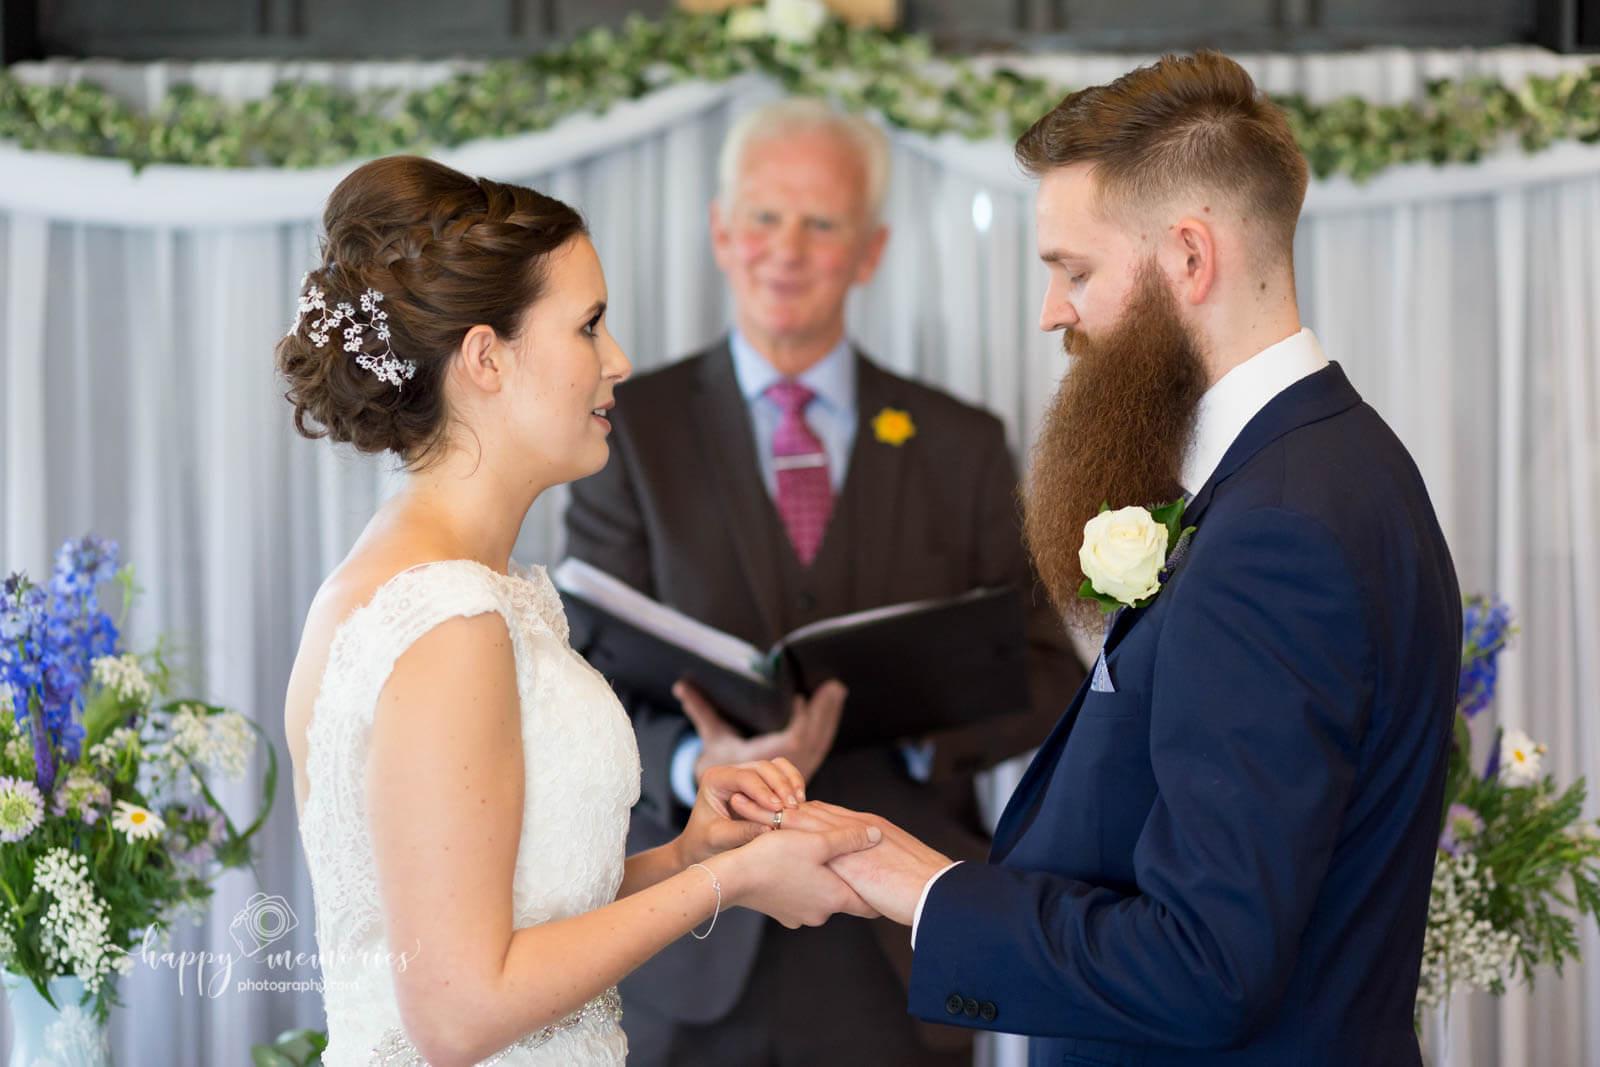 Wedding photographer Crawley-26